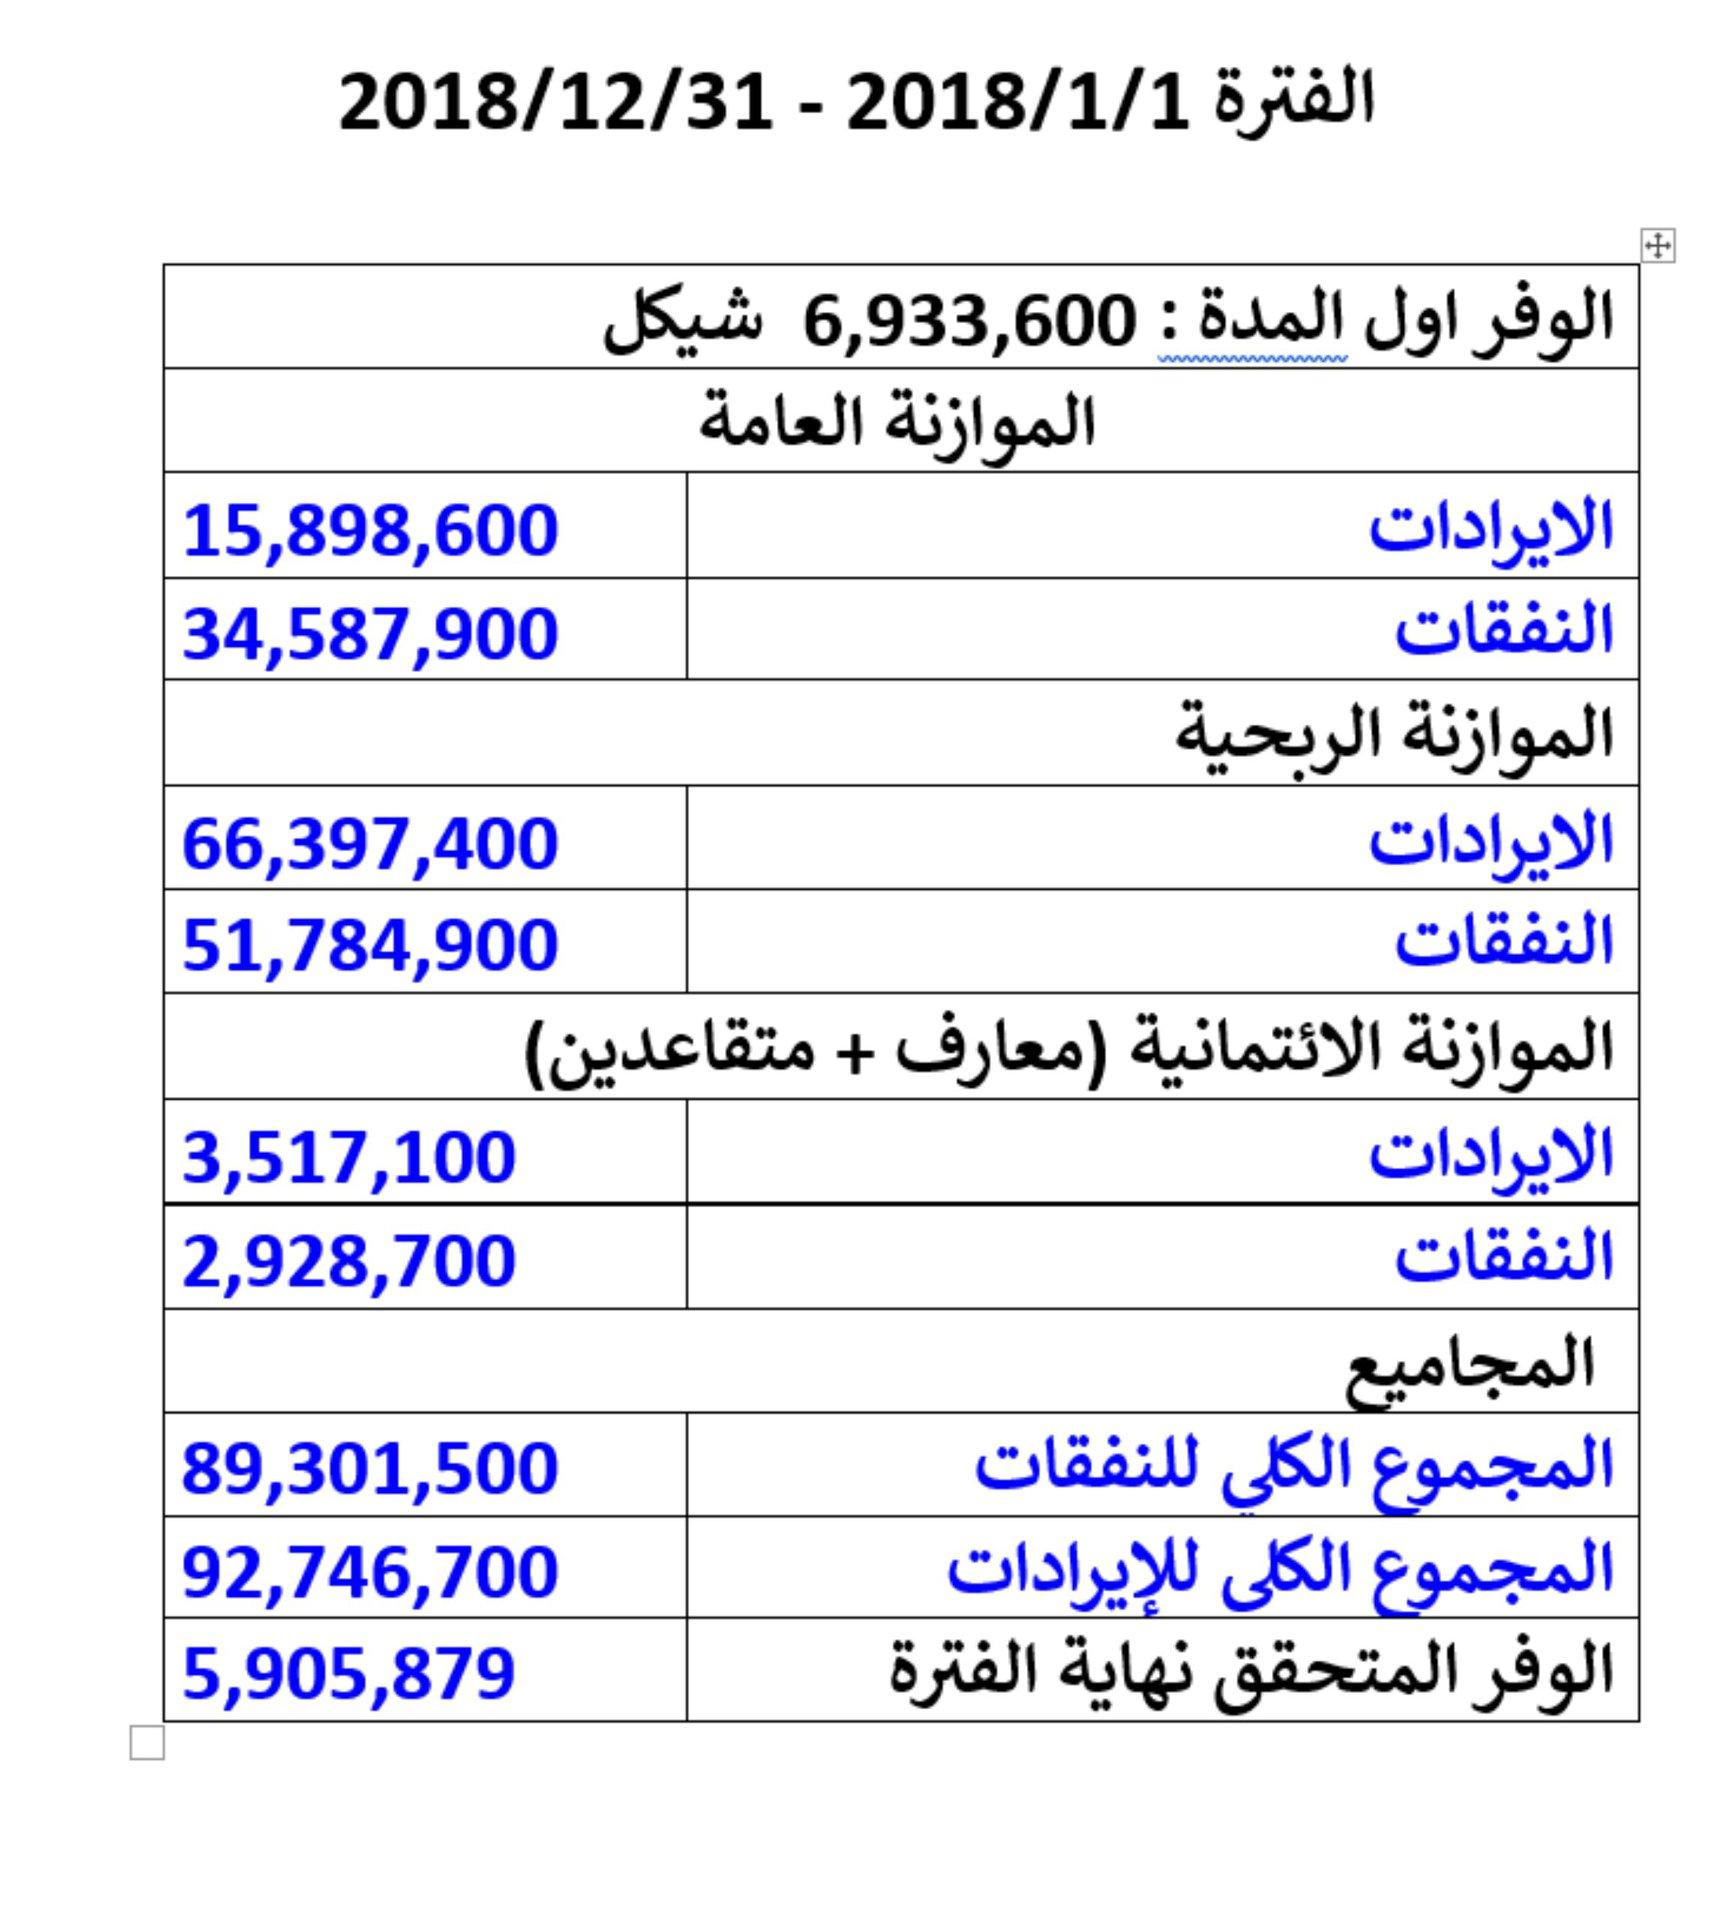 تقرير مالي موجز صادر عن بلدية قلقيلية